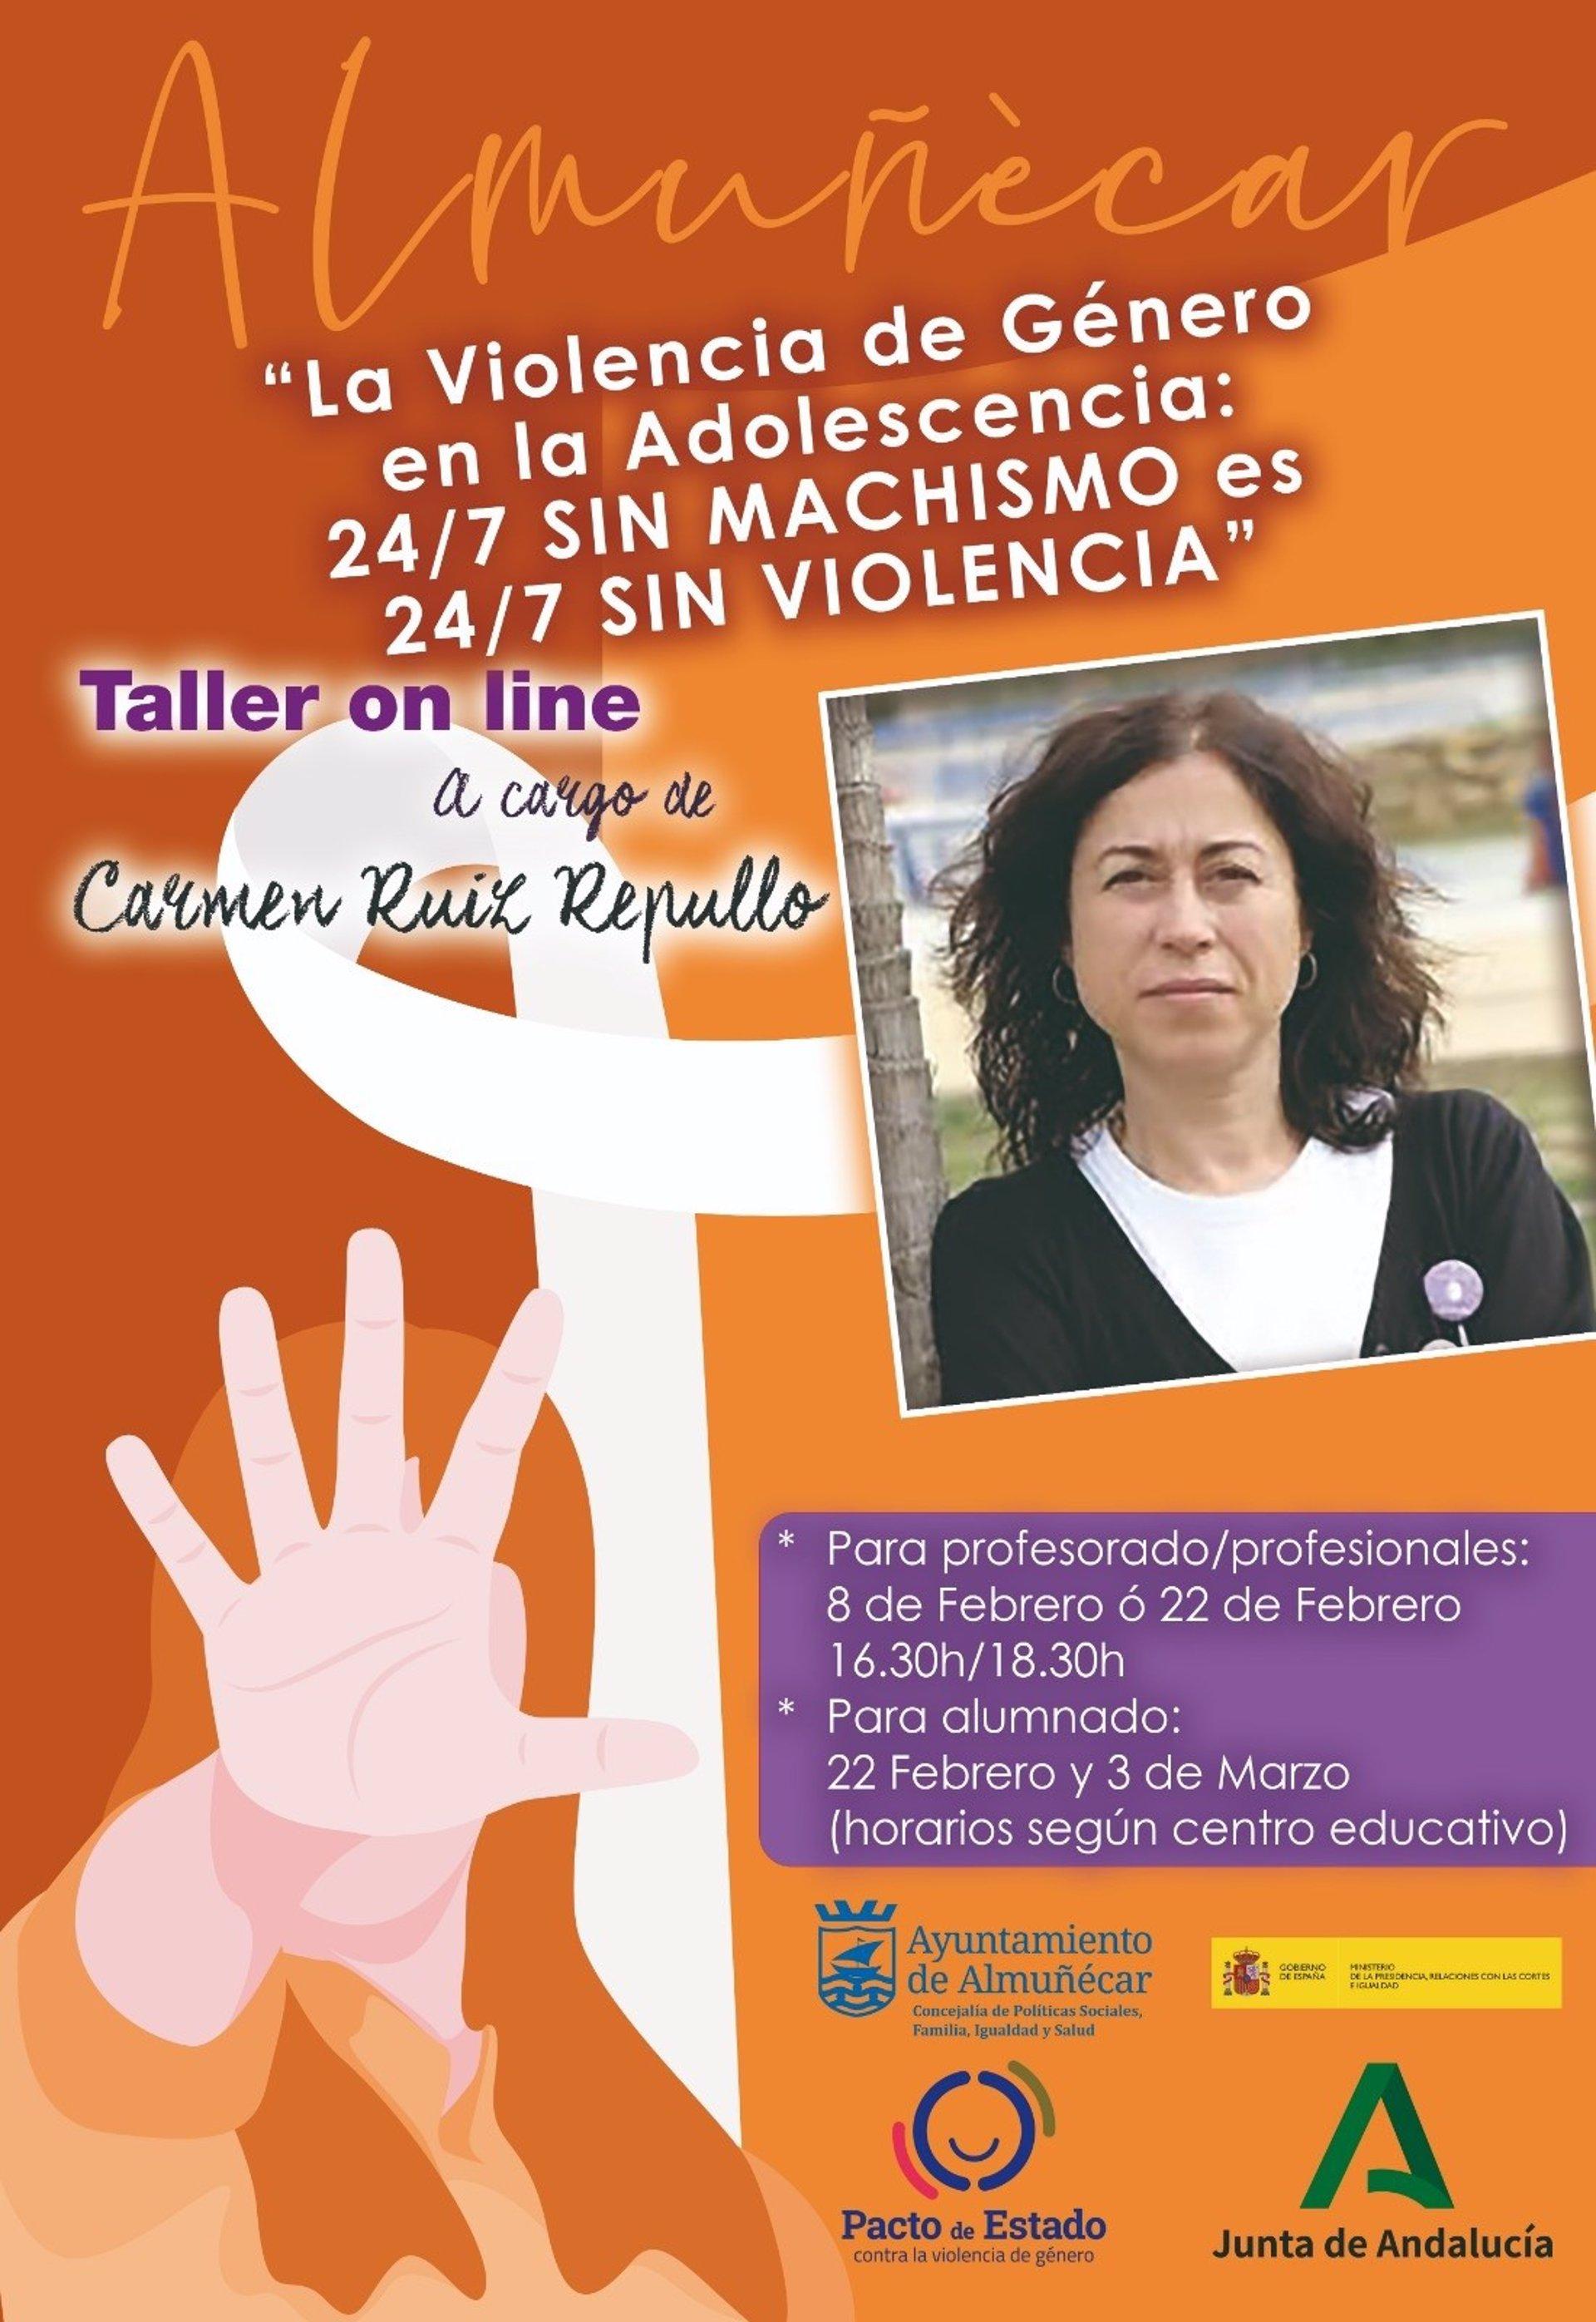 Almuñécar inicia un programa de talleres de prevención de violencia de género en la adolescencia